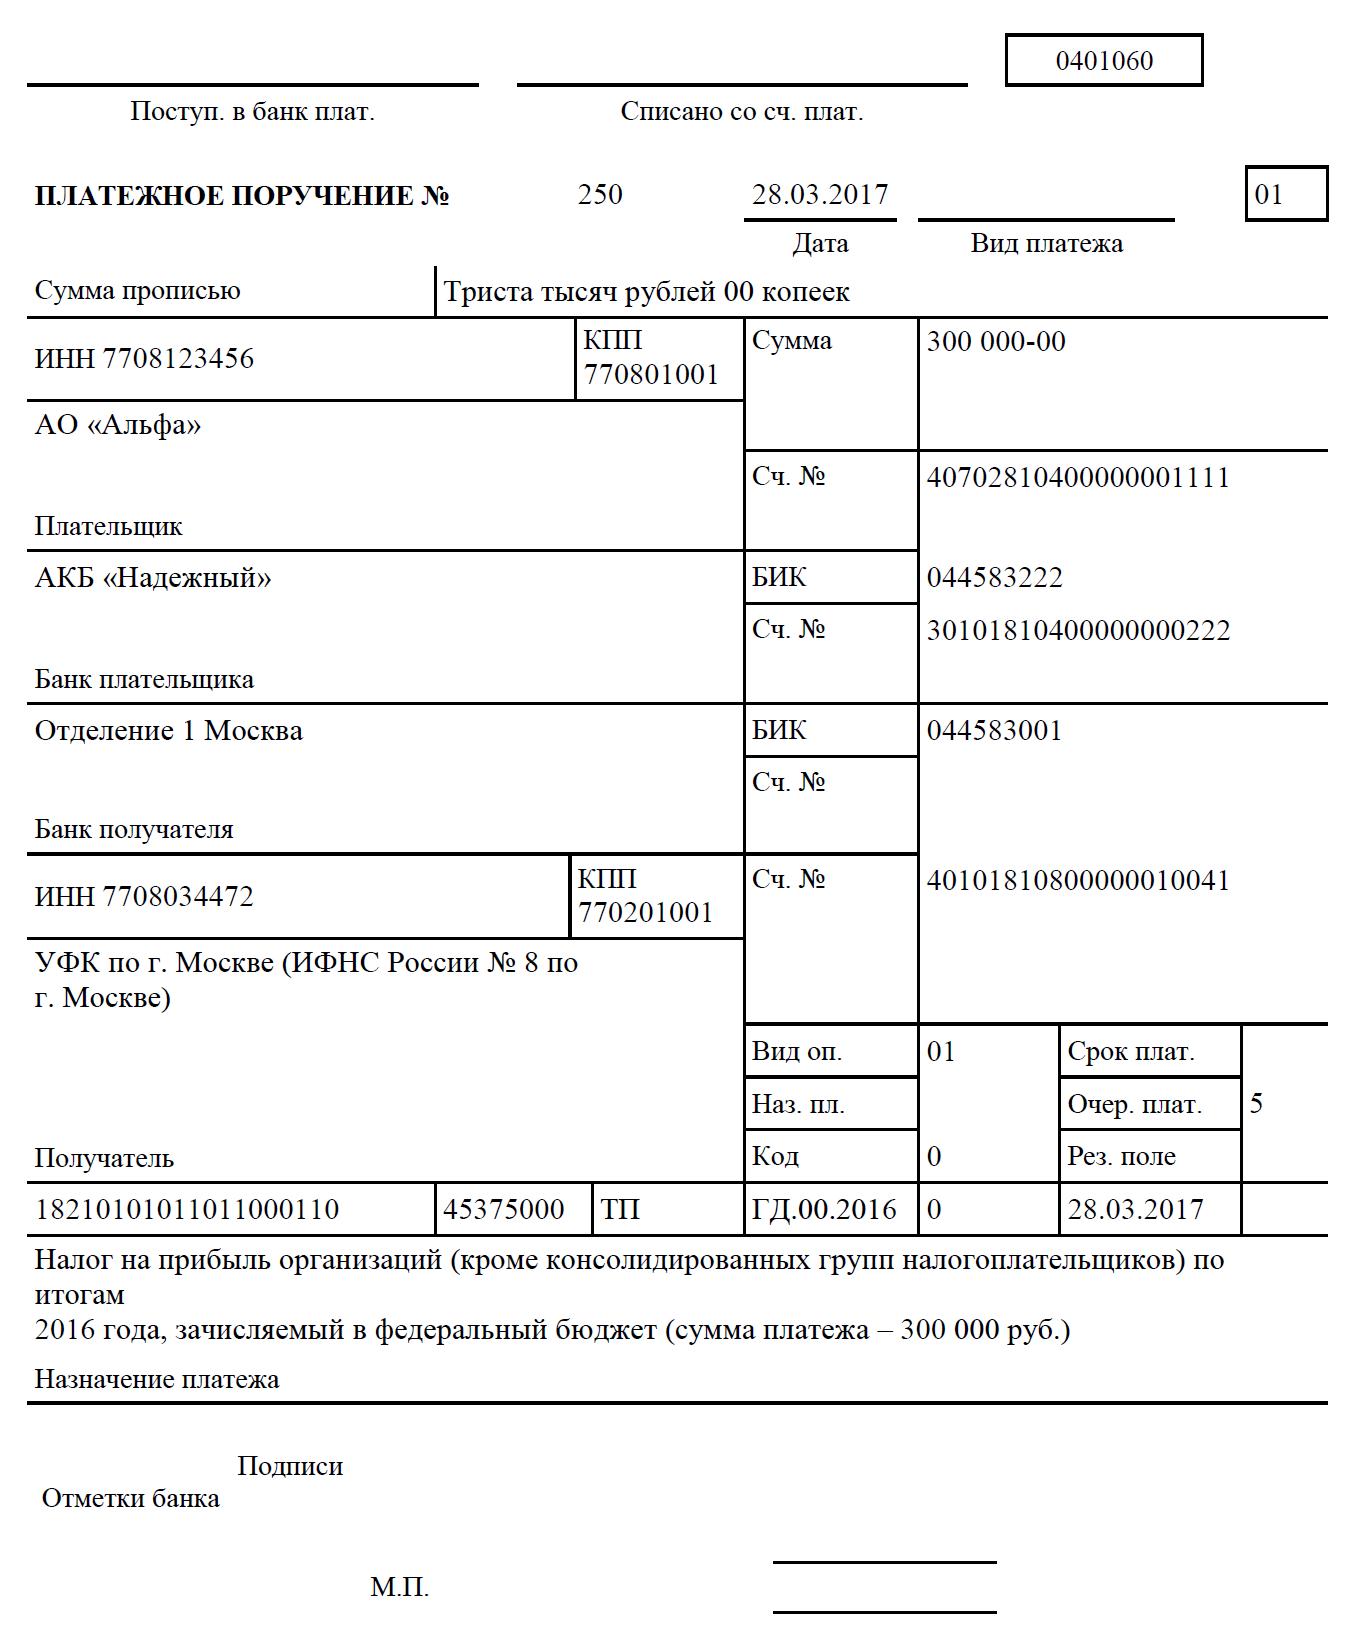 приказ о списании материалов за счет прибыли образец